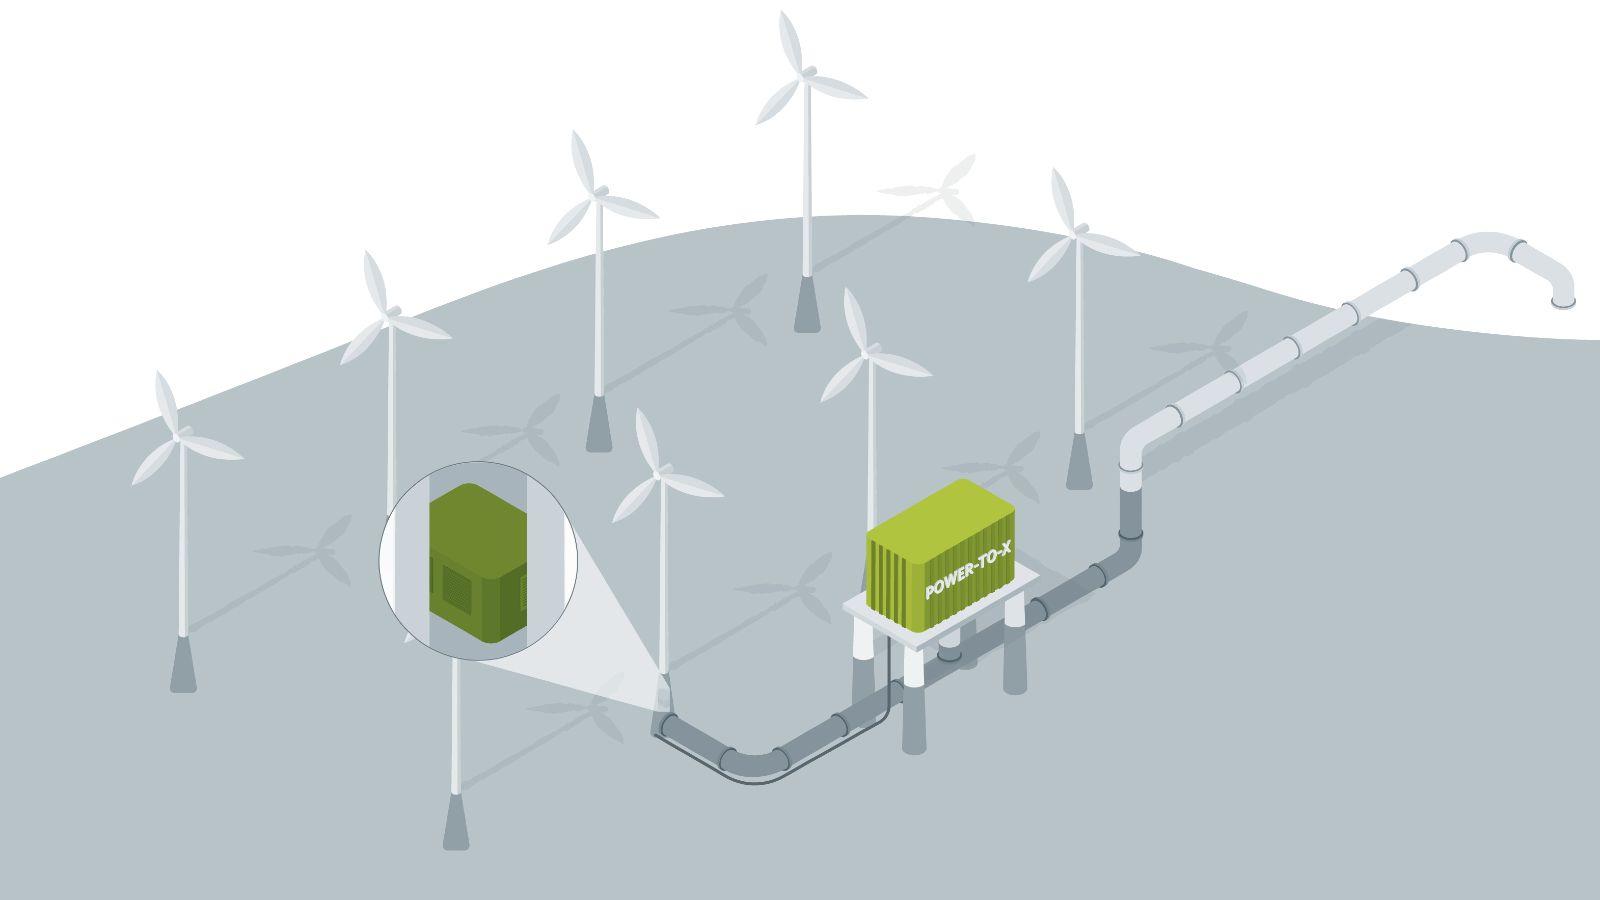 Das Bild ist eine skizzenhafte Darstellung der Wasserstoff-Produktion auf See mit einem Elektrolyseur direkt in einem Offshore-Windrad.